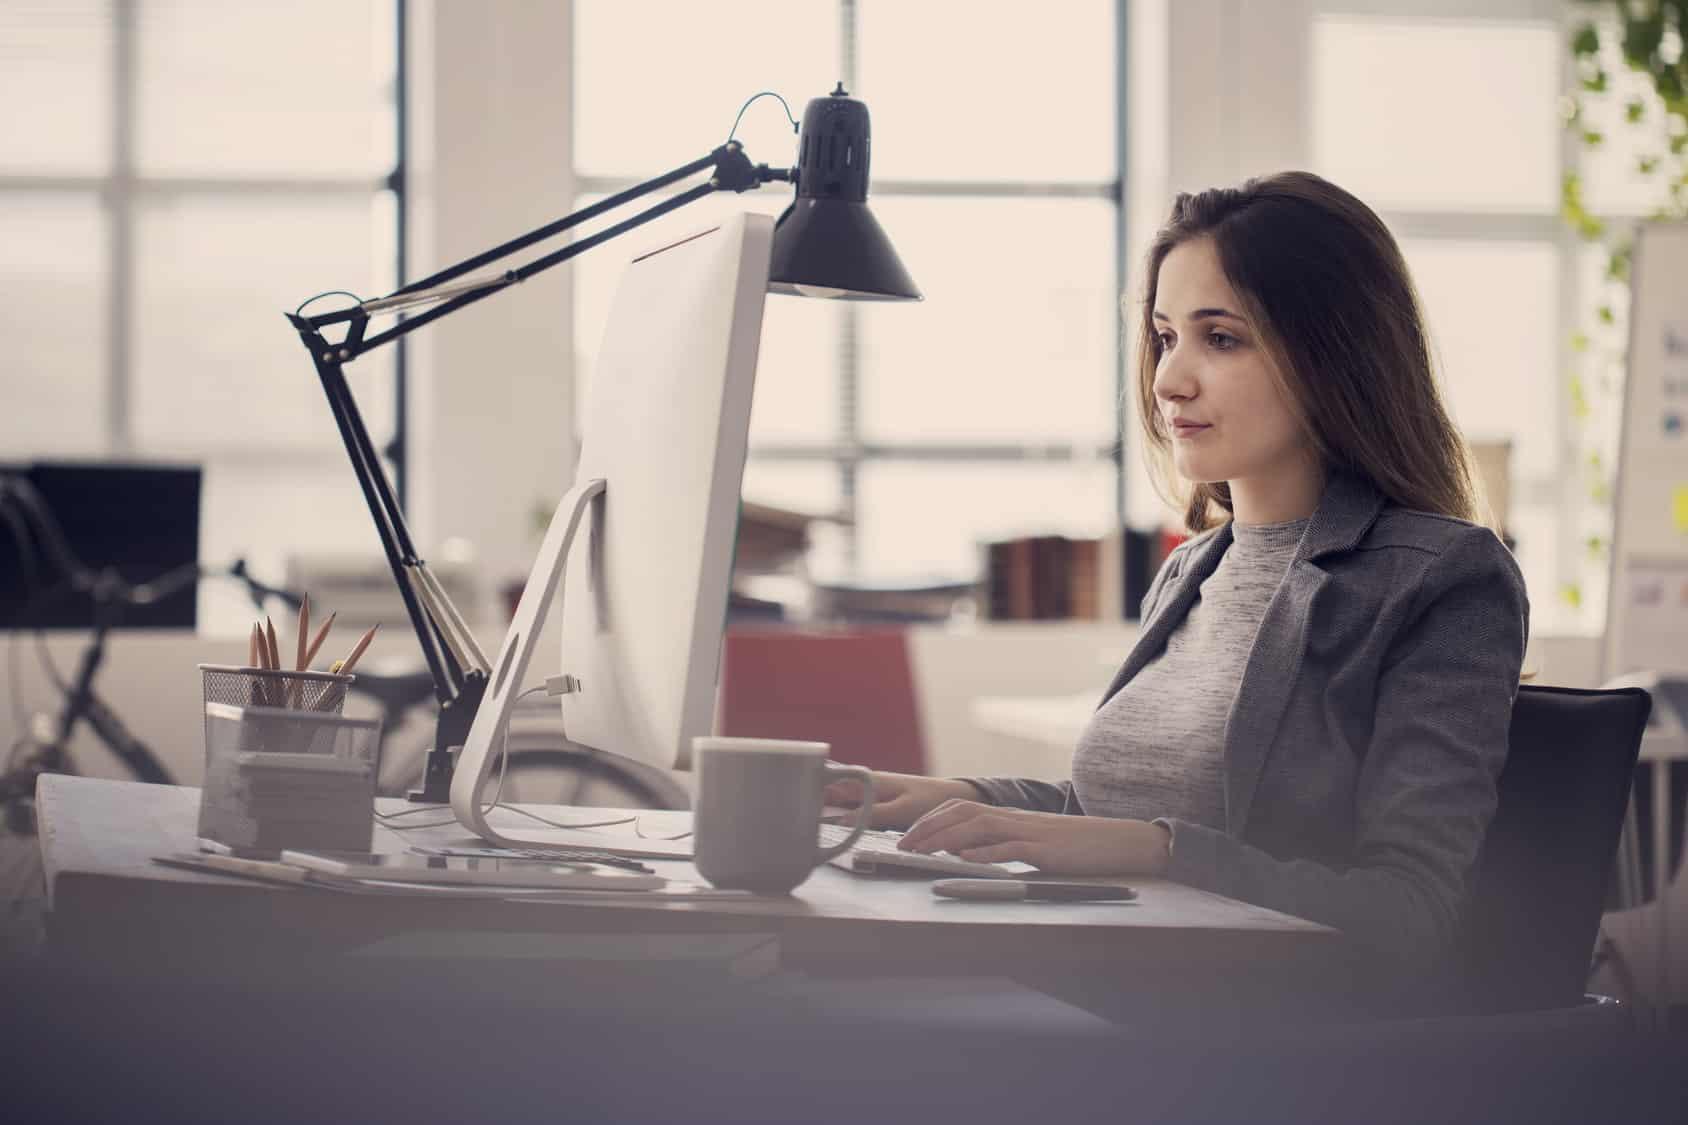 Mujeres son el 23% de los empleados del sector de telecomunicaciones en México